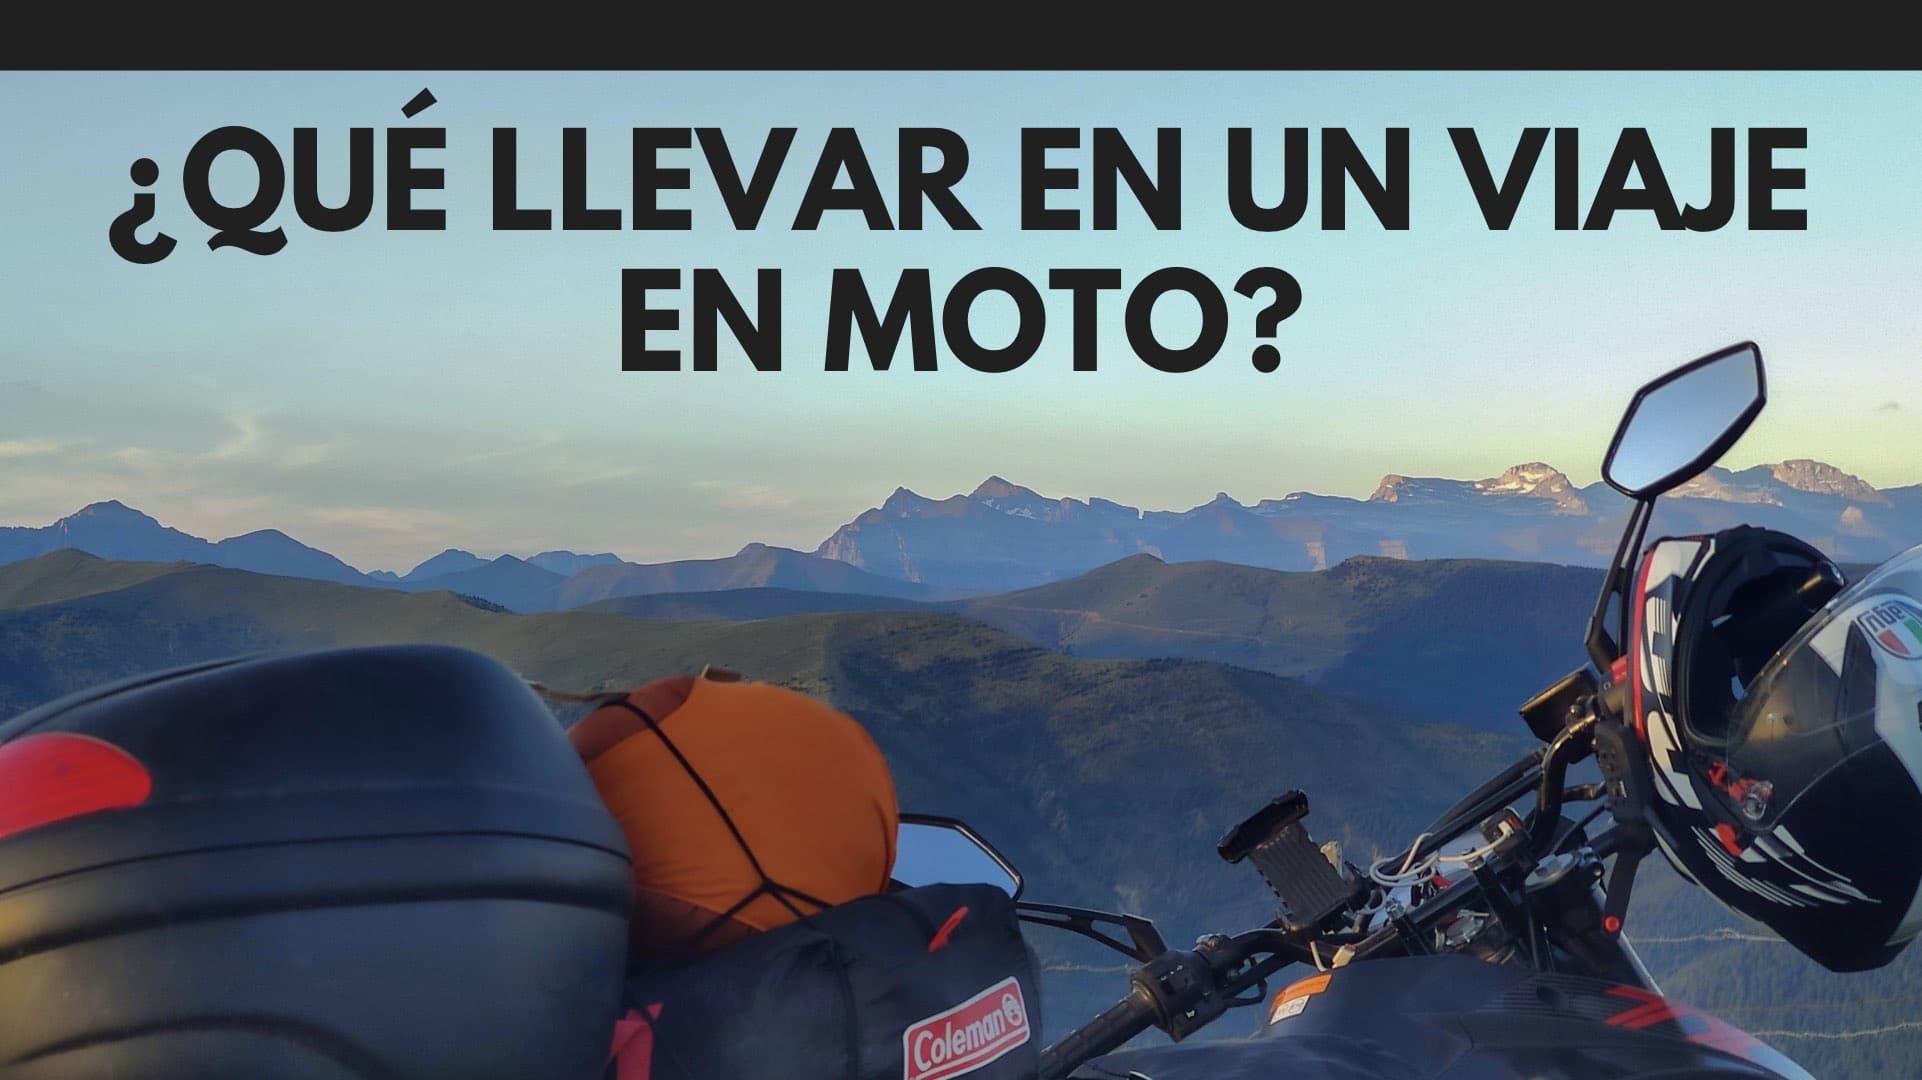 ¿Qué llevar en un viaje en moto?